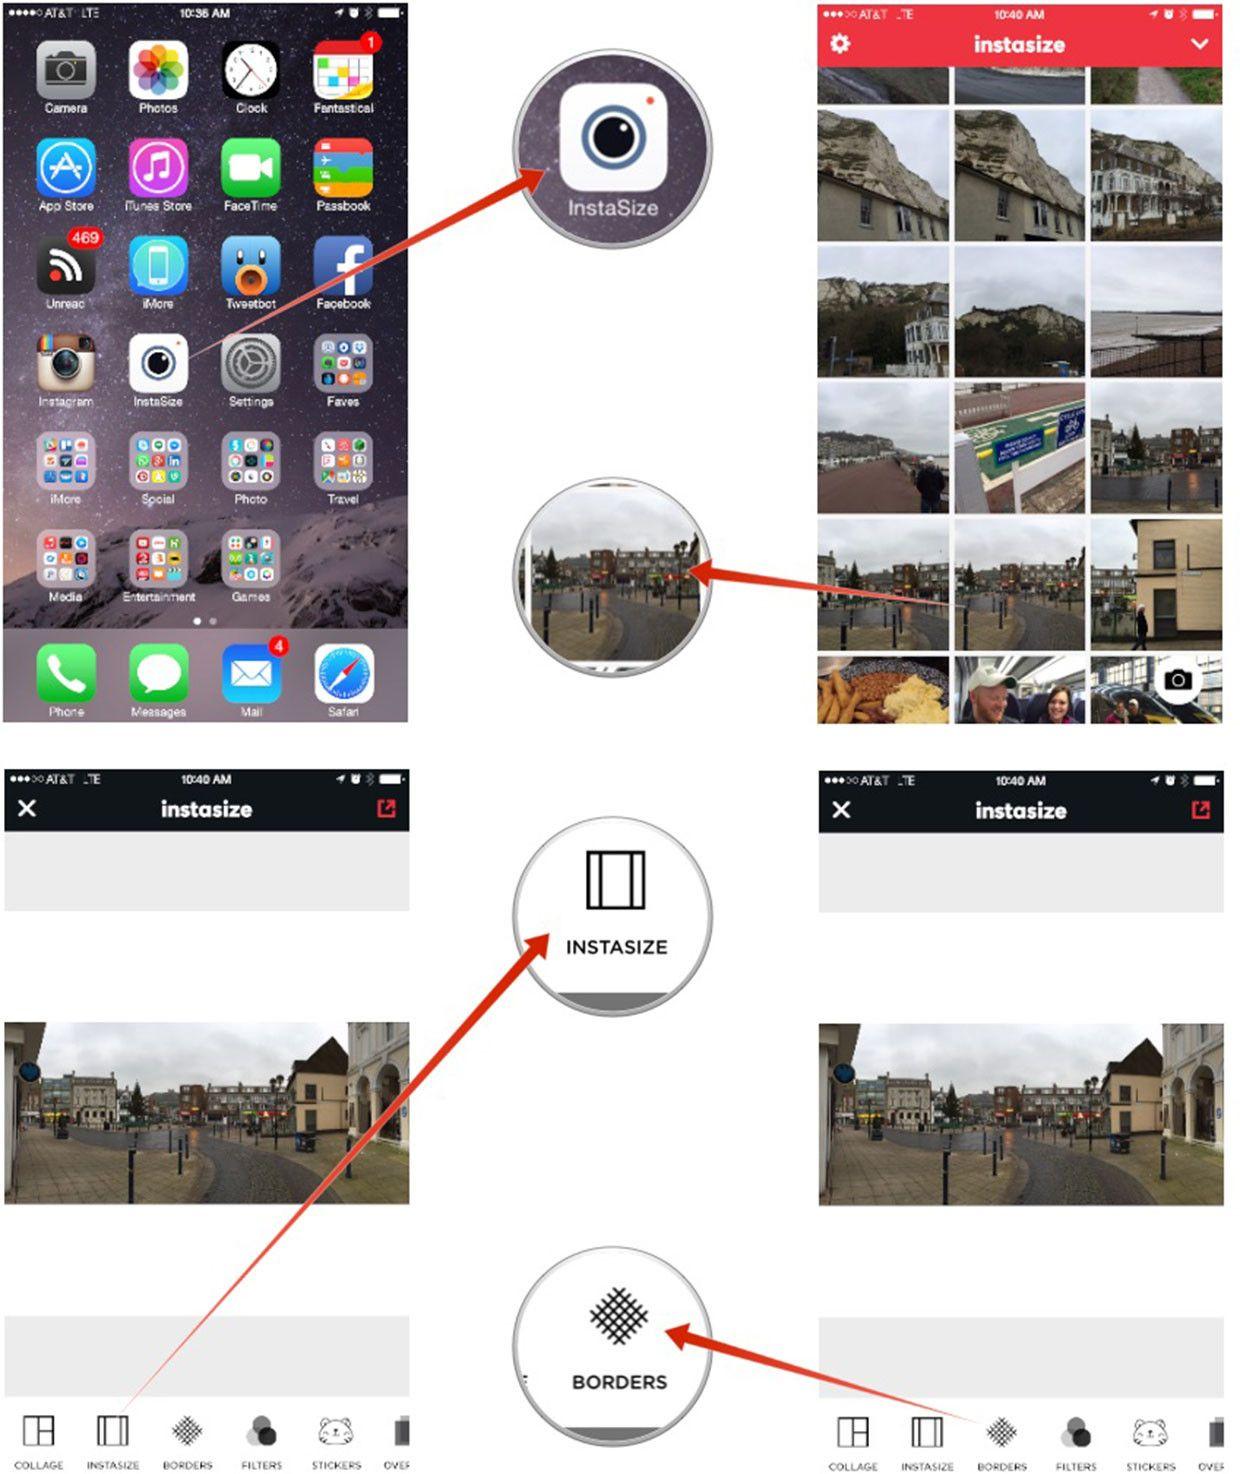 программы для уменьшения фотографий в инстаграм болельщиков западе тоже